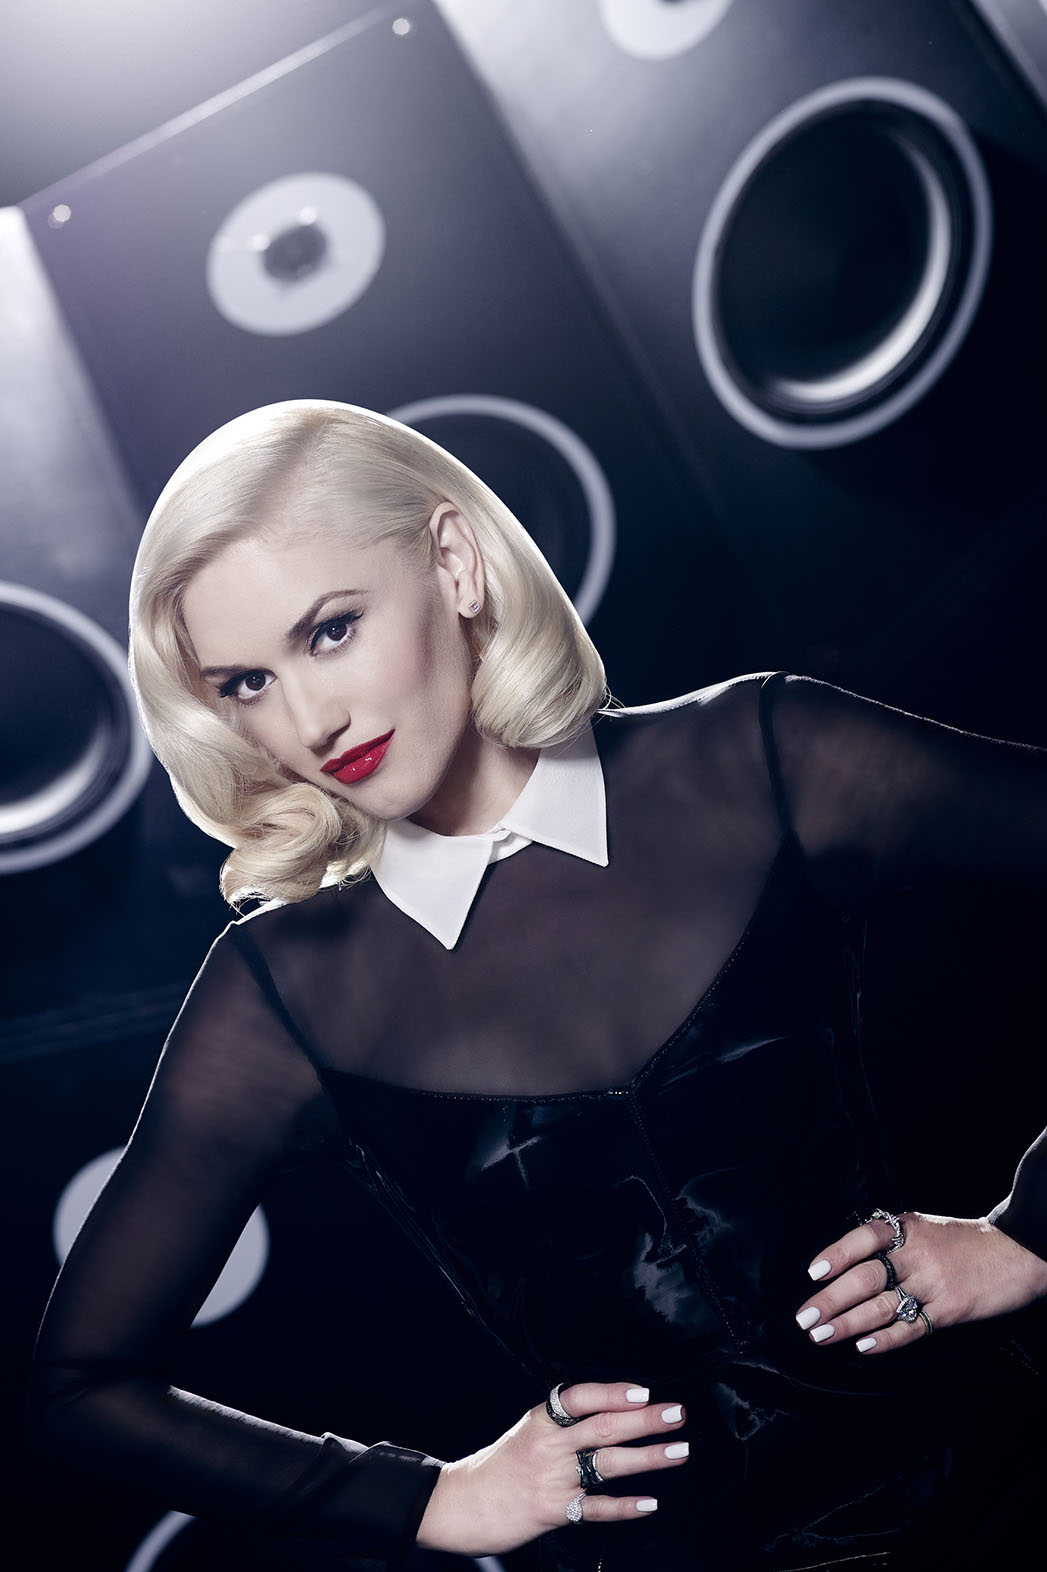 Gwen Stefani The Voice Portrait - P 2014